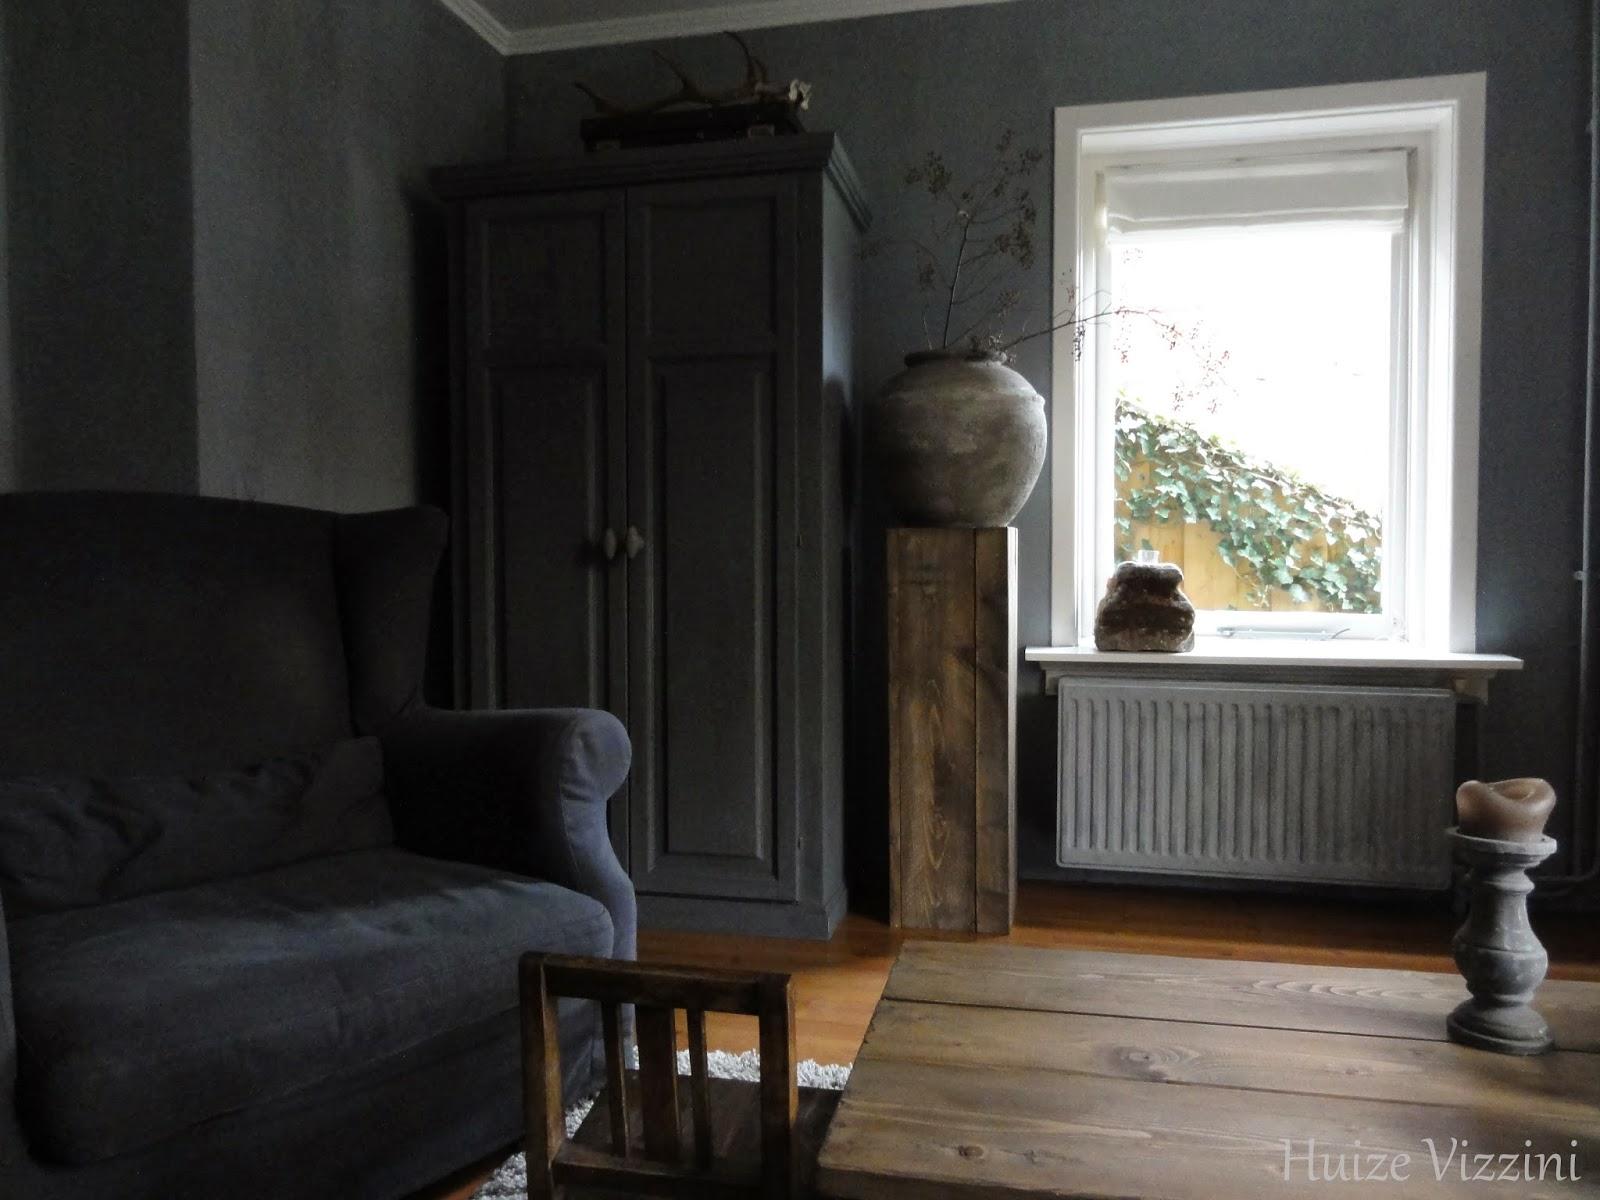 1000 images about stoer landelijk on pinterest for Landelijke stijl interieur